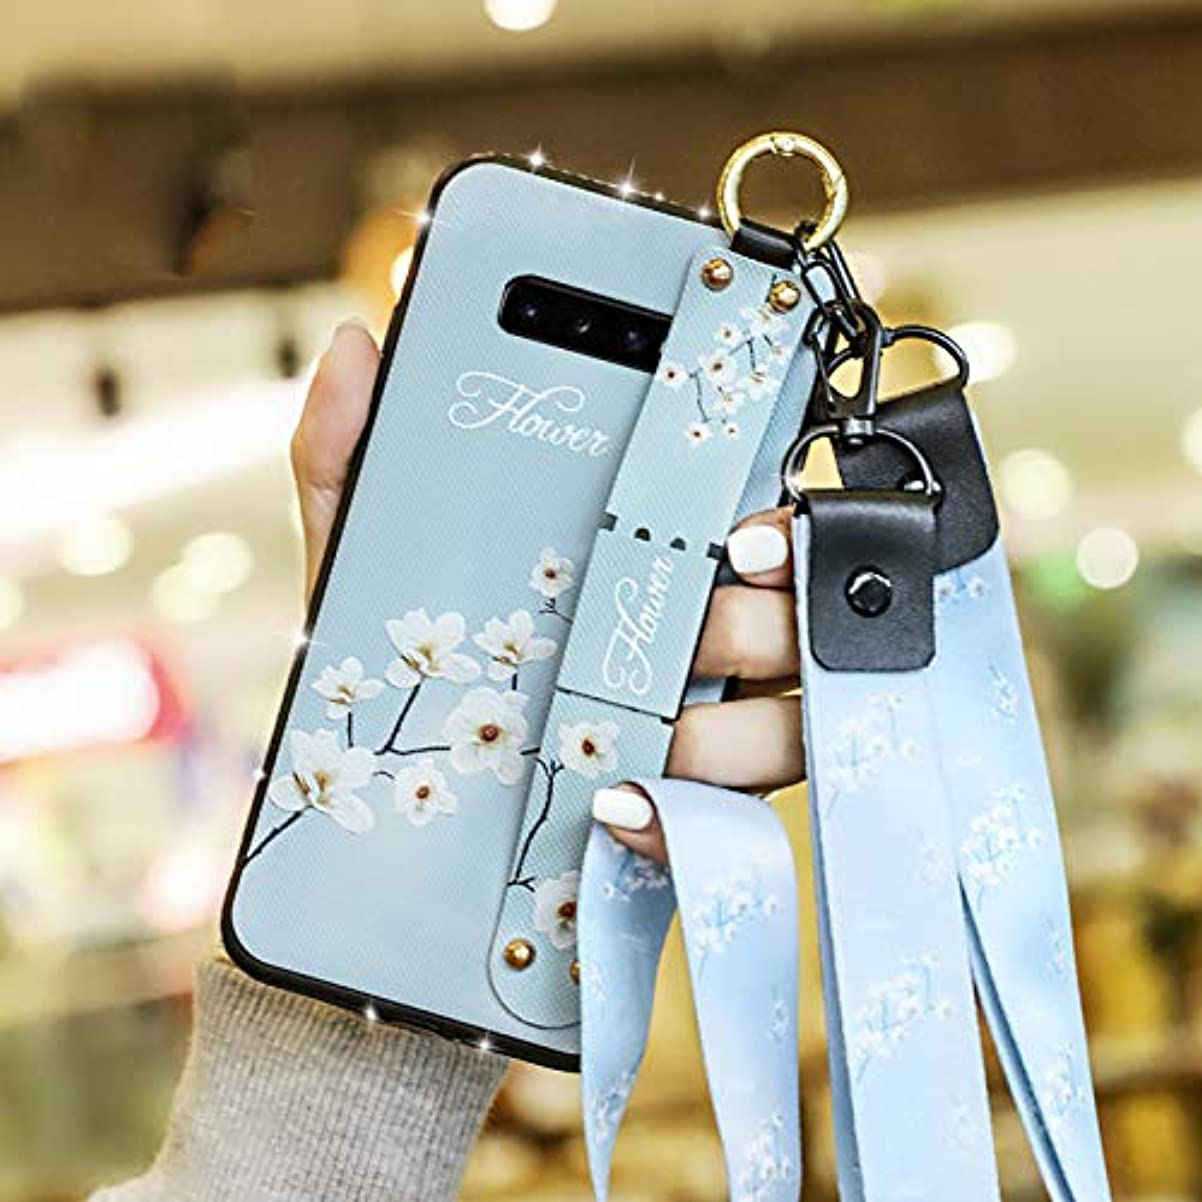 ほとんどの場合風景リアルSevenPanda Samsung Galaxy S9 + Plus ケース、PUレザー カラードローイング おしゃれ tpu ソフトフレーム ラインストーン ストラップ 携帯ケースケース、キャンバス布花フローラル戻るフレキシブルTPUフレーム保護する少女女性たちホルダーケース キックスタンド付き +取り外し可能なリトストラップ+ネックストラップまねる布目柄エンボス 薄型 人気 かわいい キラキラ 全面保護 、耐汚れ 滑り防止 反指紋 反塵 超軽量 カバー-マグノリア